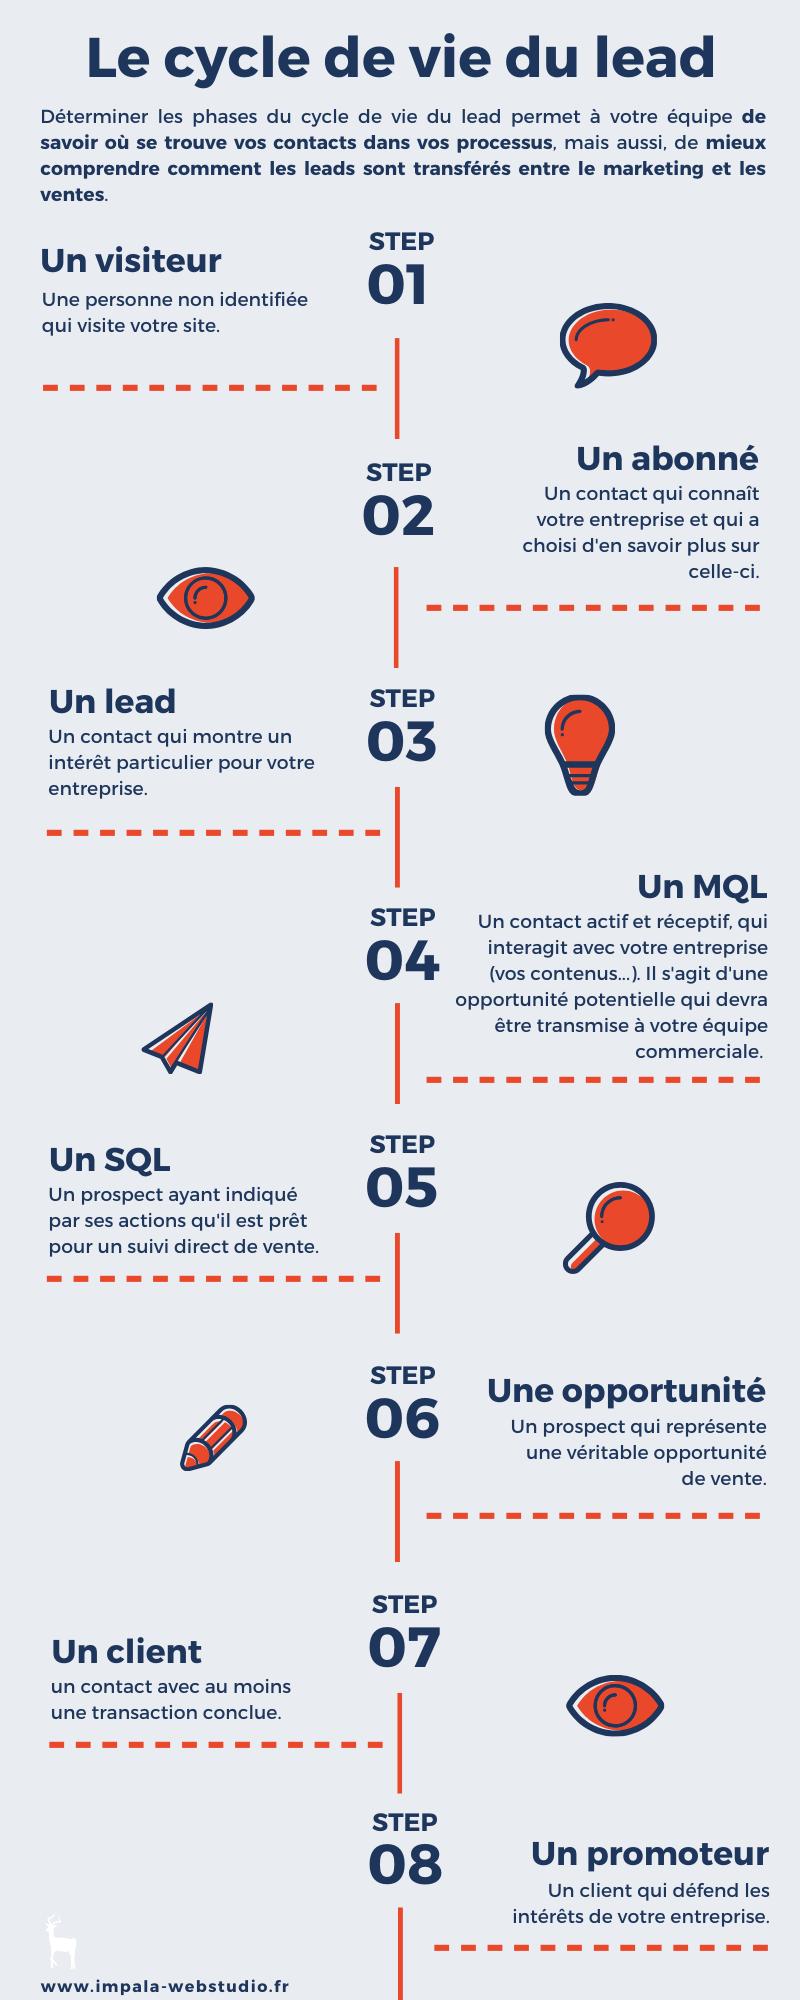 Infographie - Cycle de vie du lead - Impala Webstudio